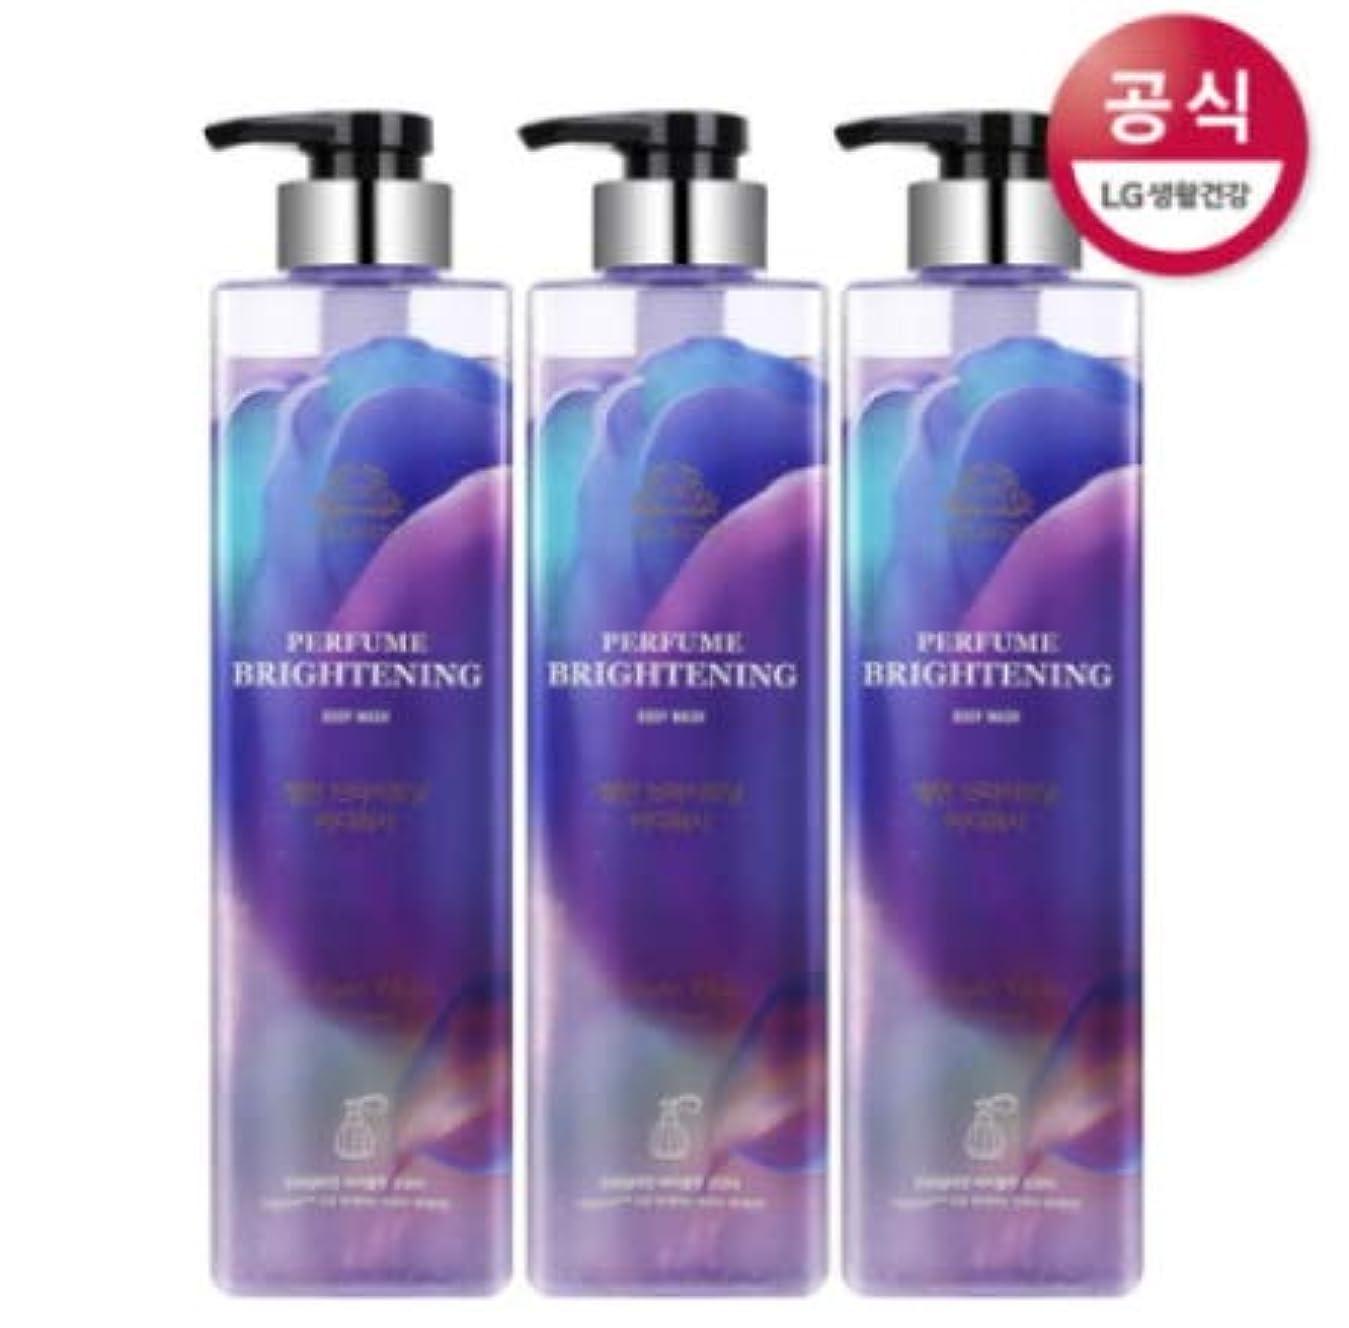 受ける凝縮する人気の[LG HnB] On the Body Belman Perfume Brightening Body Wash / オンザボディベルモンパフュームブライトニングボディウォッシュ680mlx3個(海外直送品)